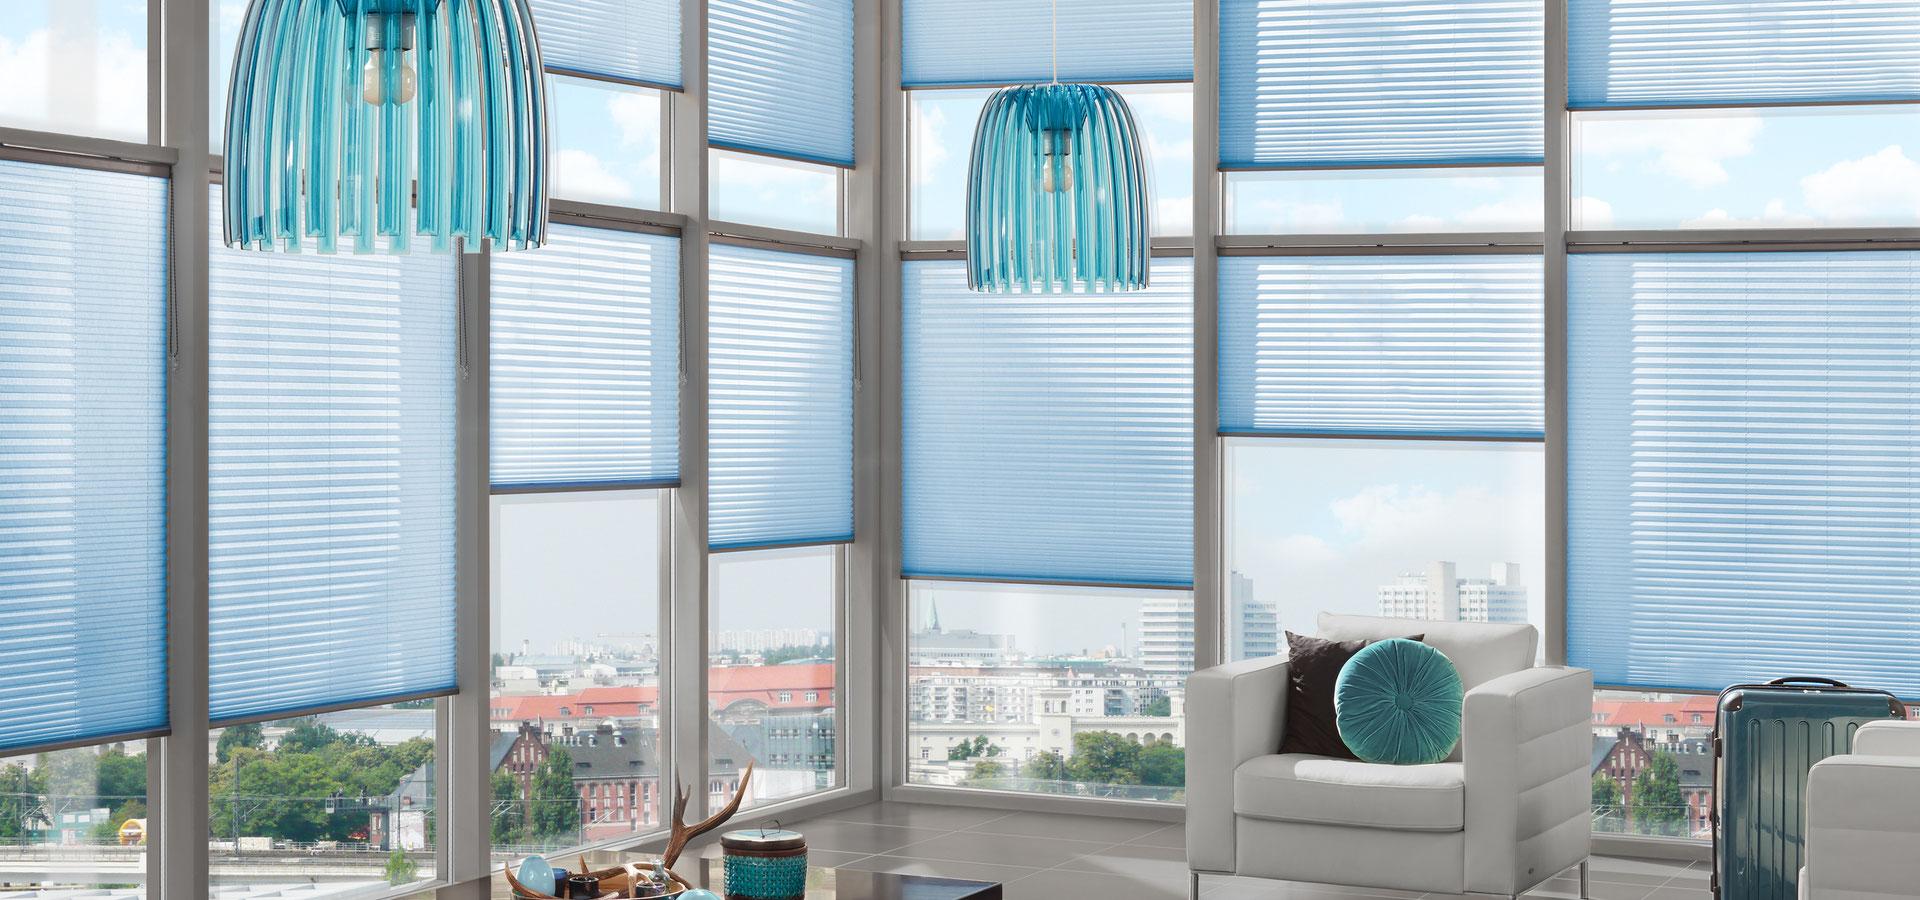 erfal plissees in ihrem plissee shop hannover hattendorf oltrogge rollladen markisen. Black Bedroom Furniture Sets. Home Design Ideas